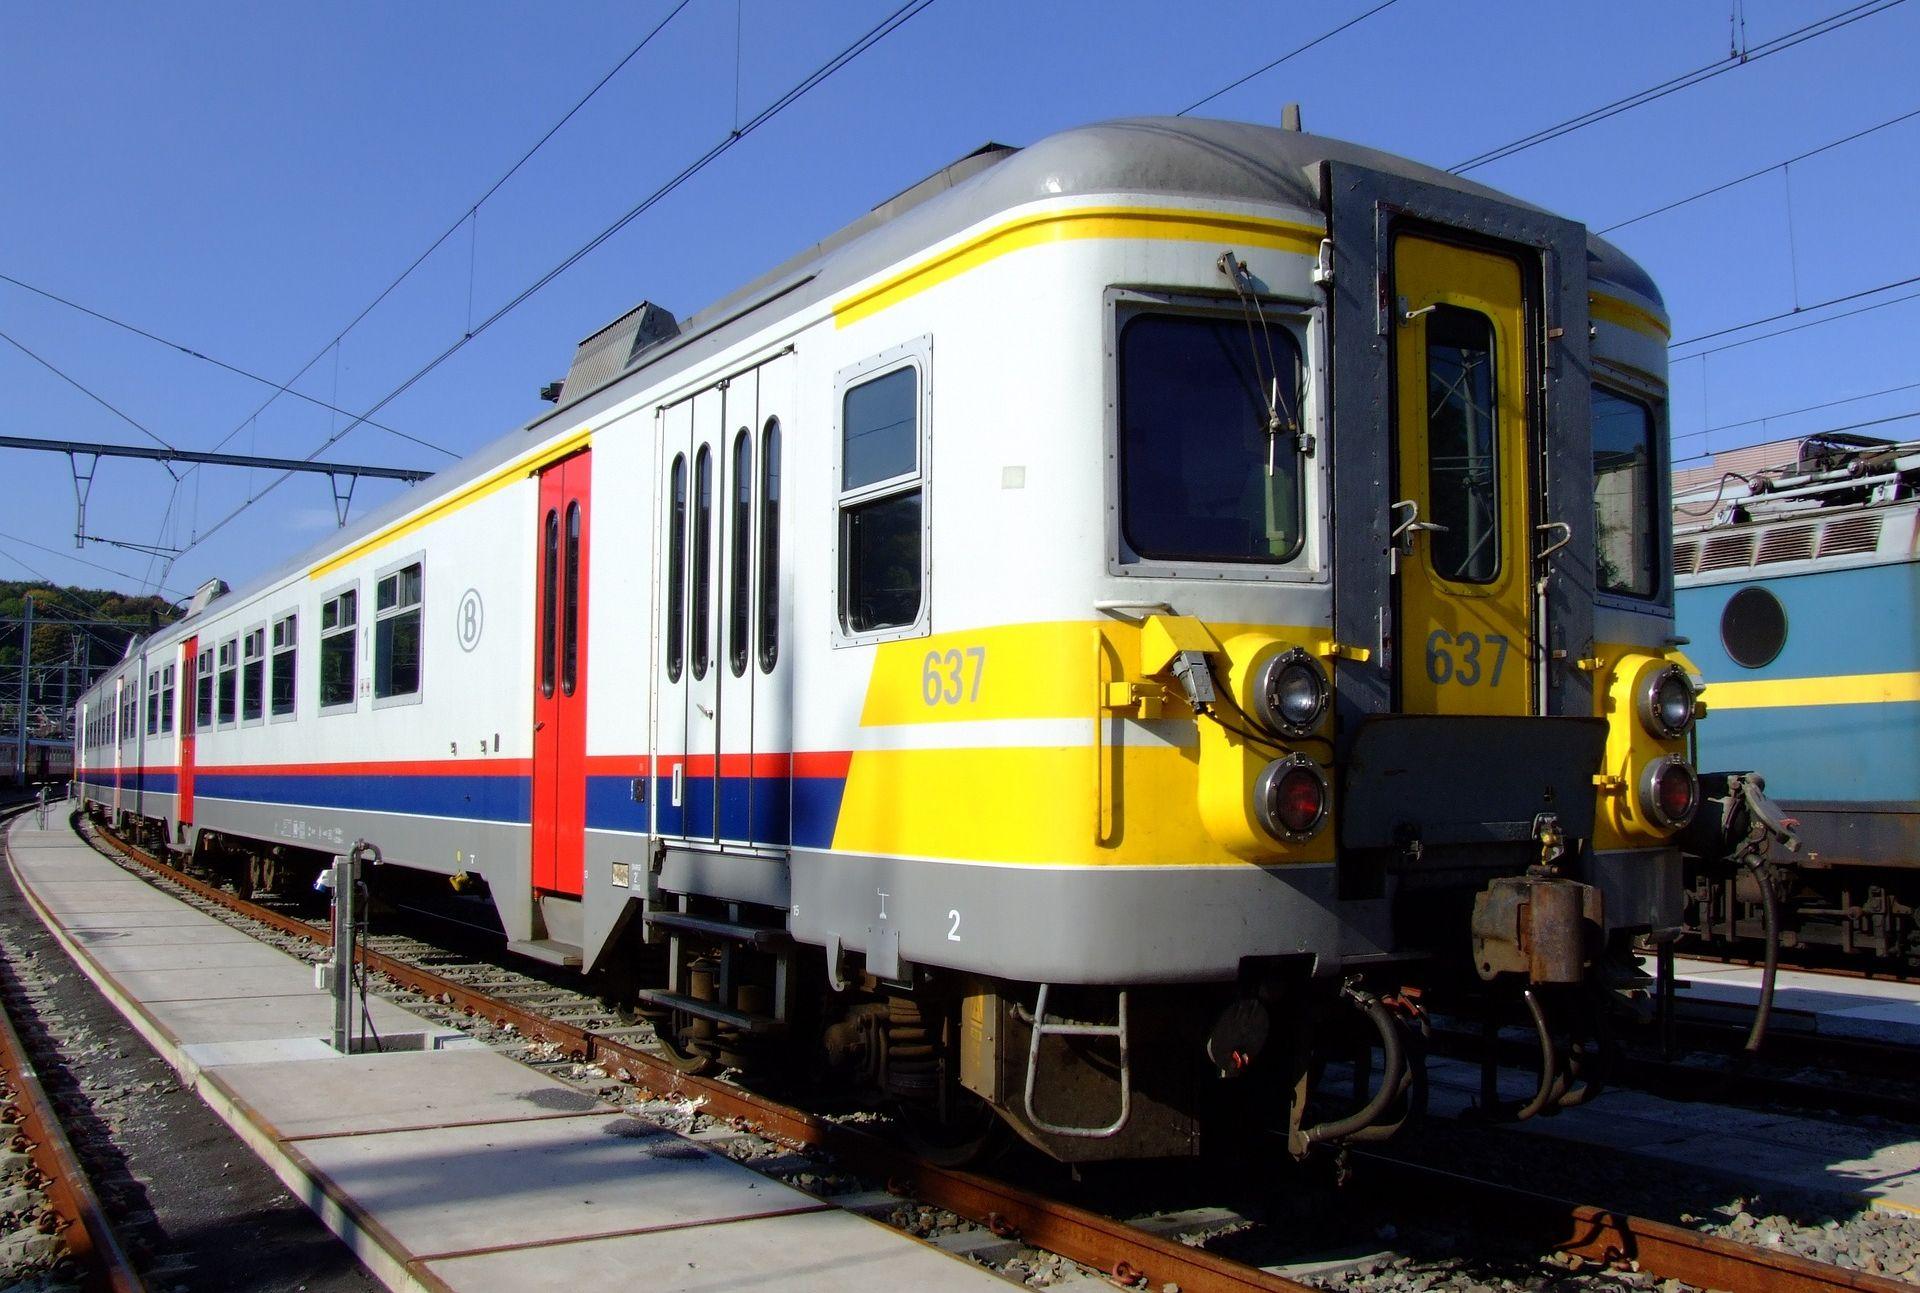 BELGIJA Vlak iskočio iz tračnica, najmanje jedna osoba poginula